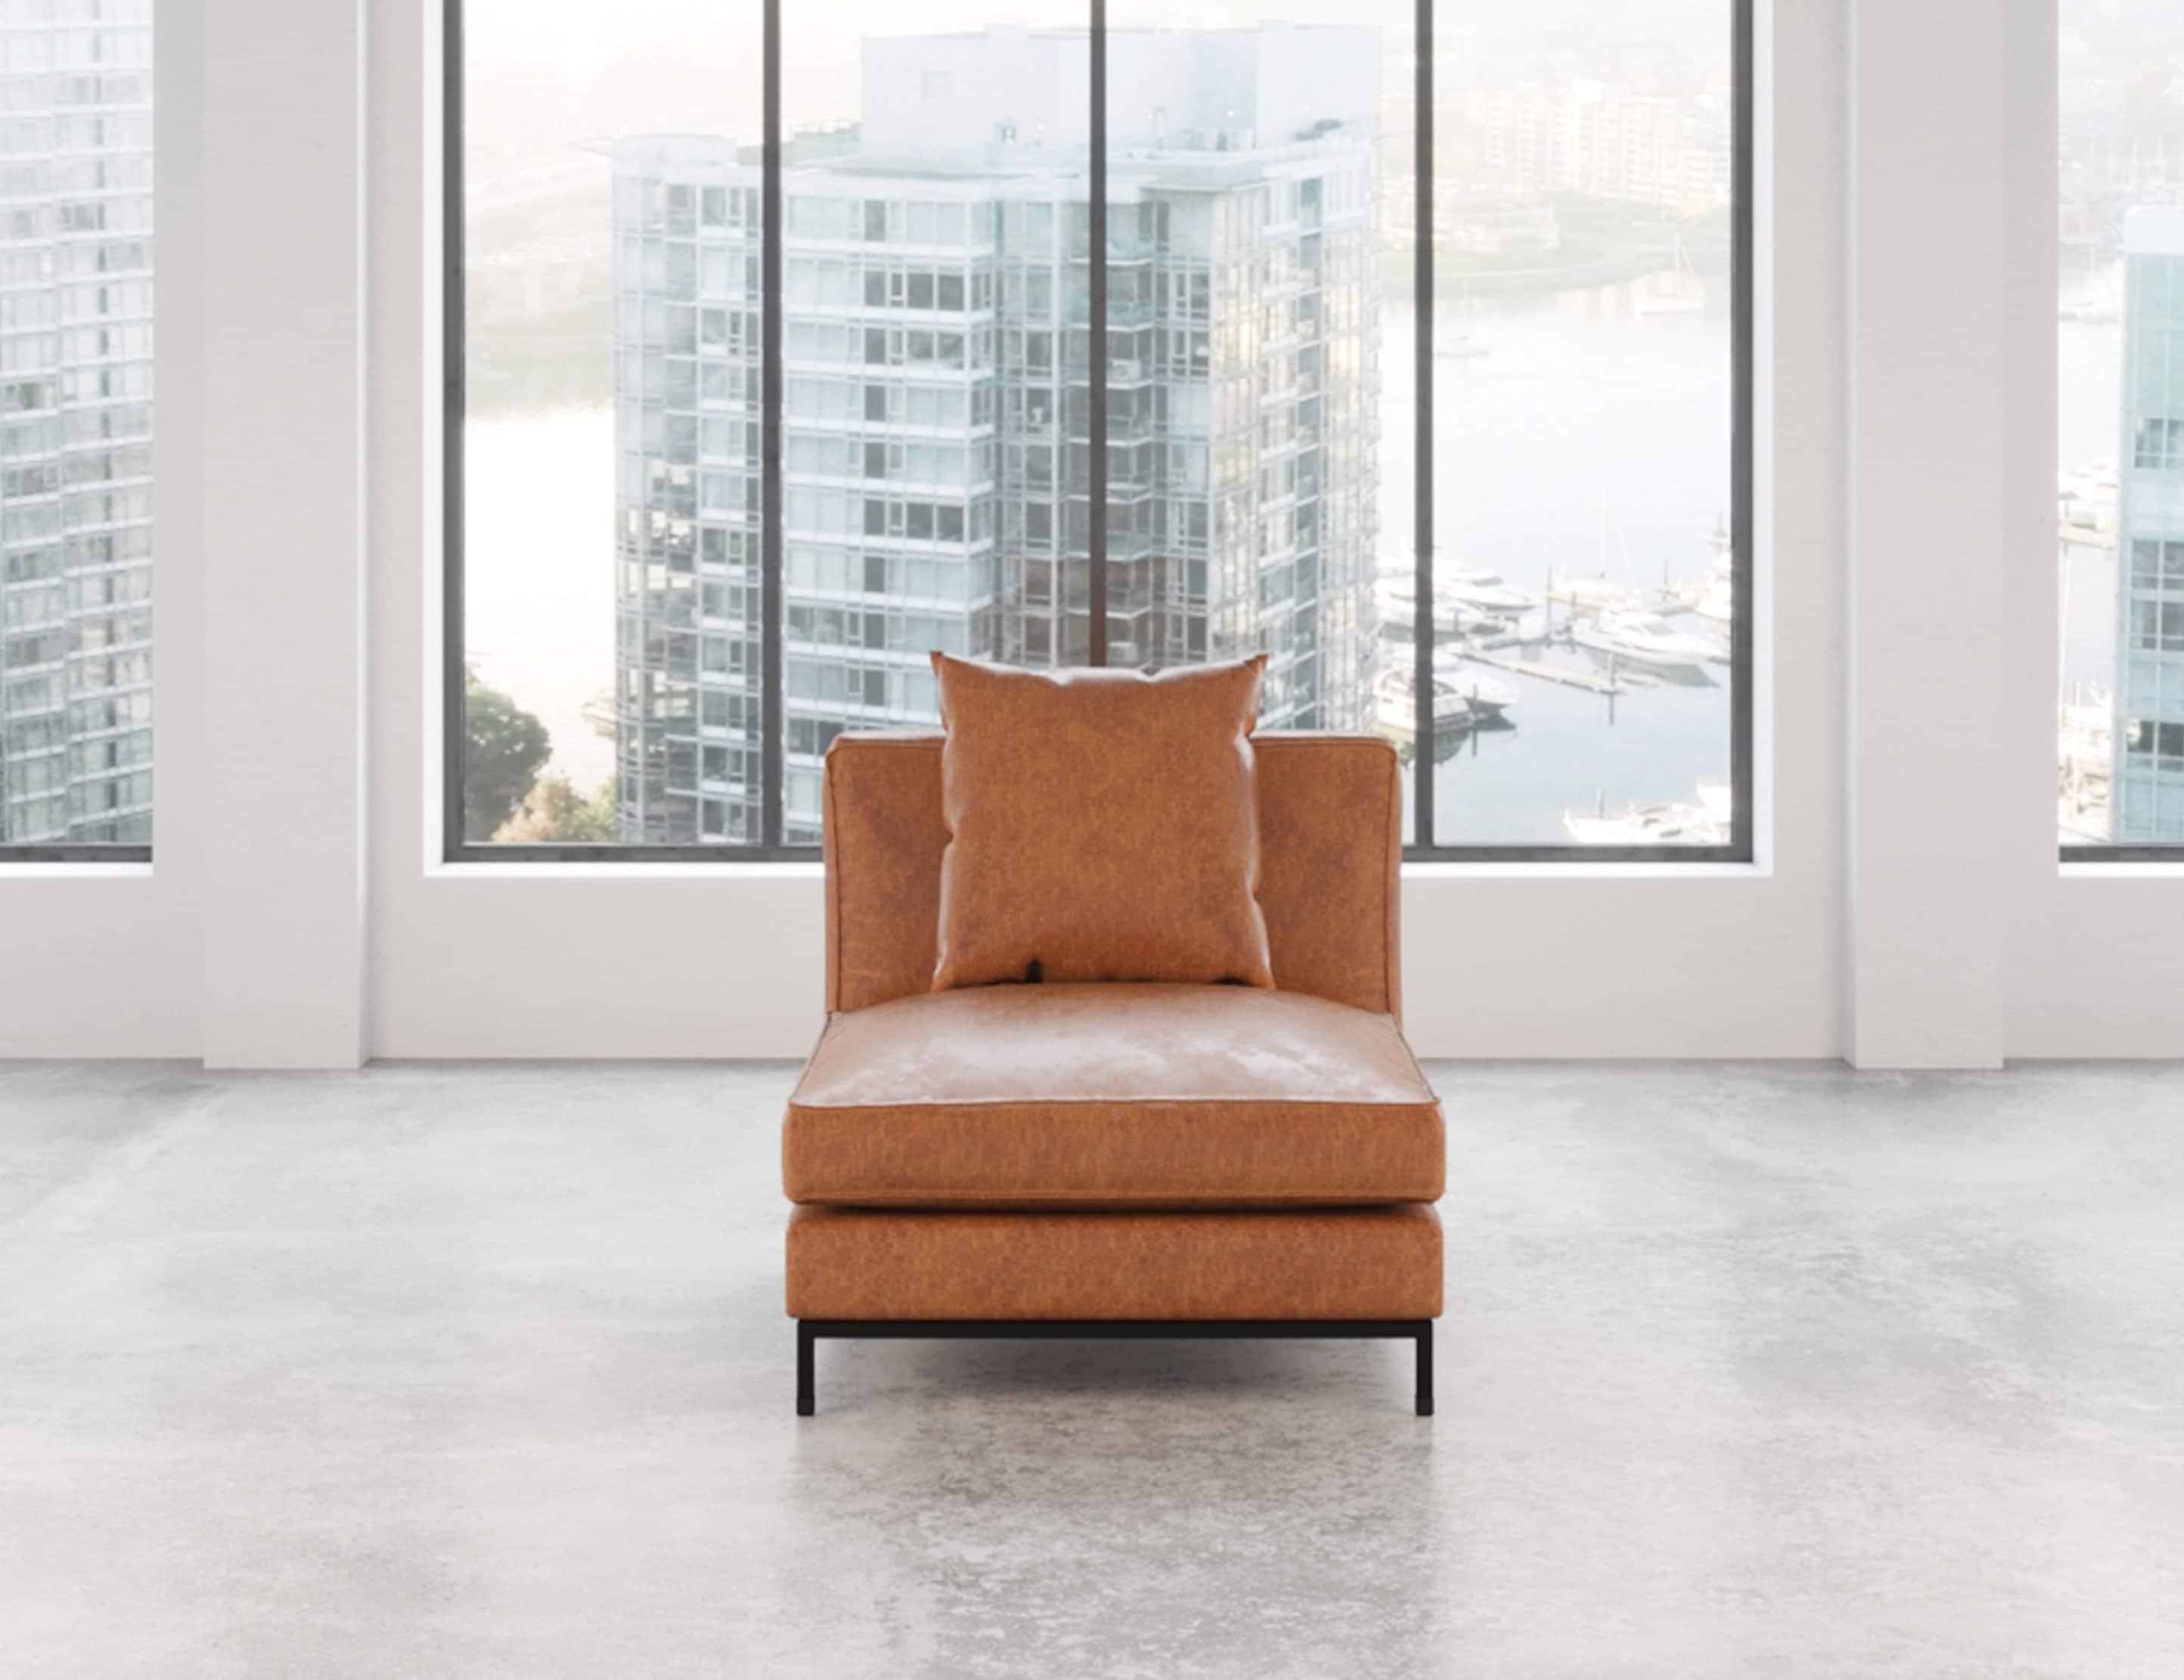 Migliore: Single Sofa Module